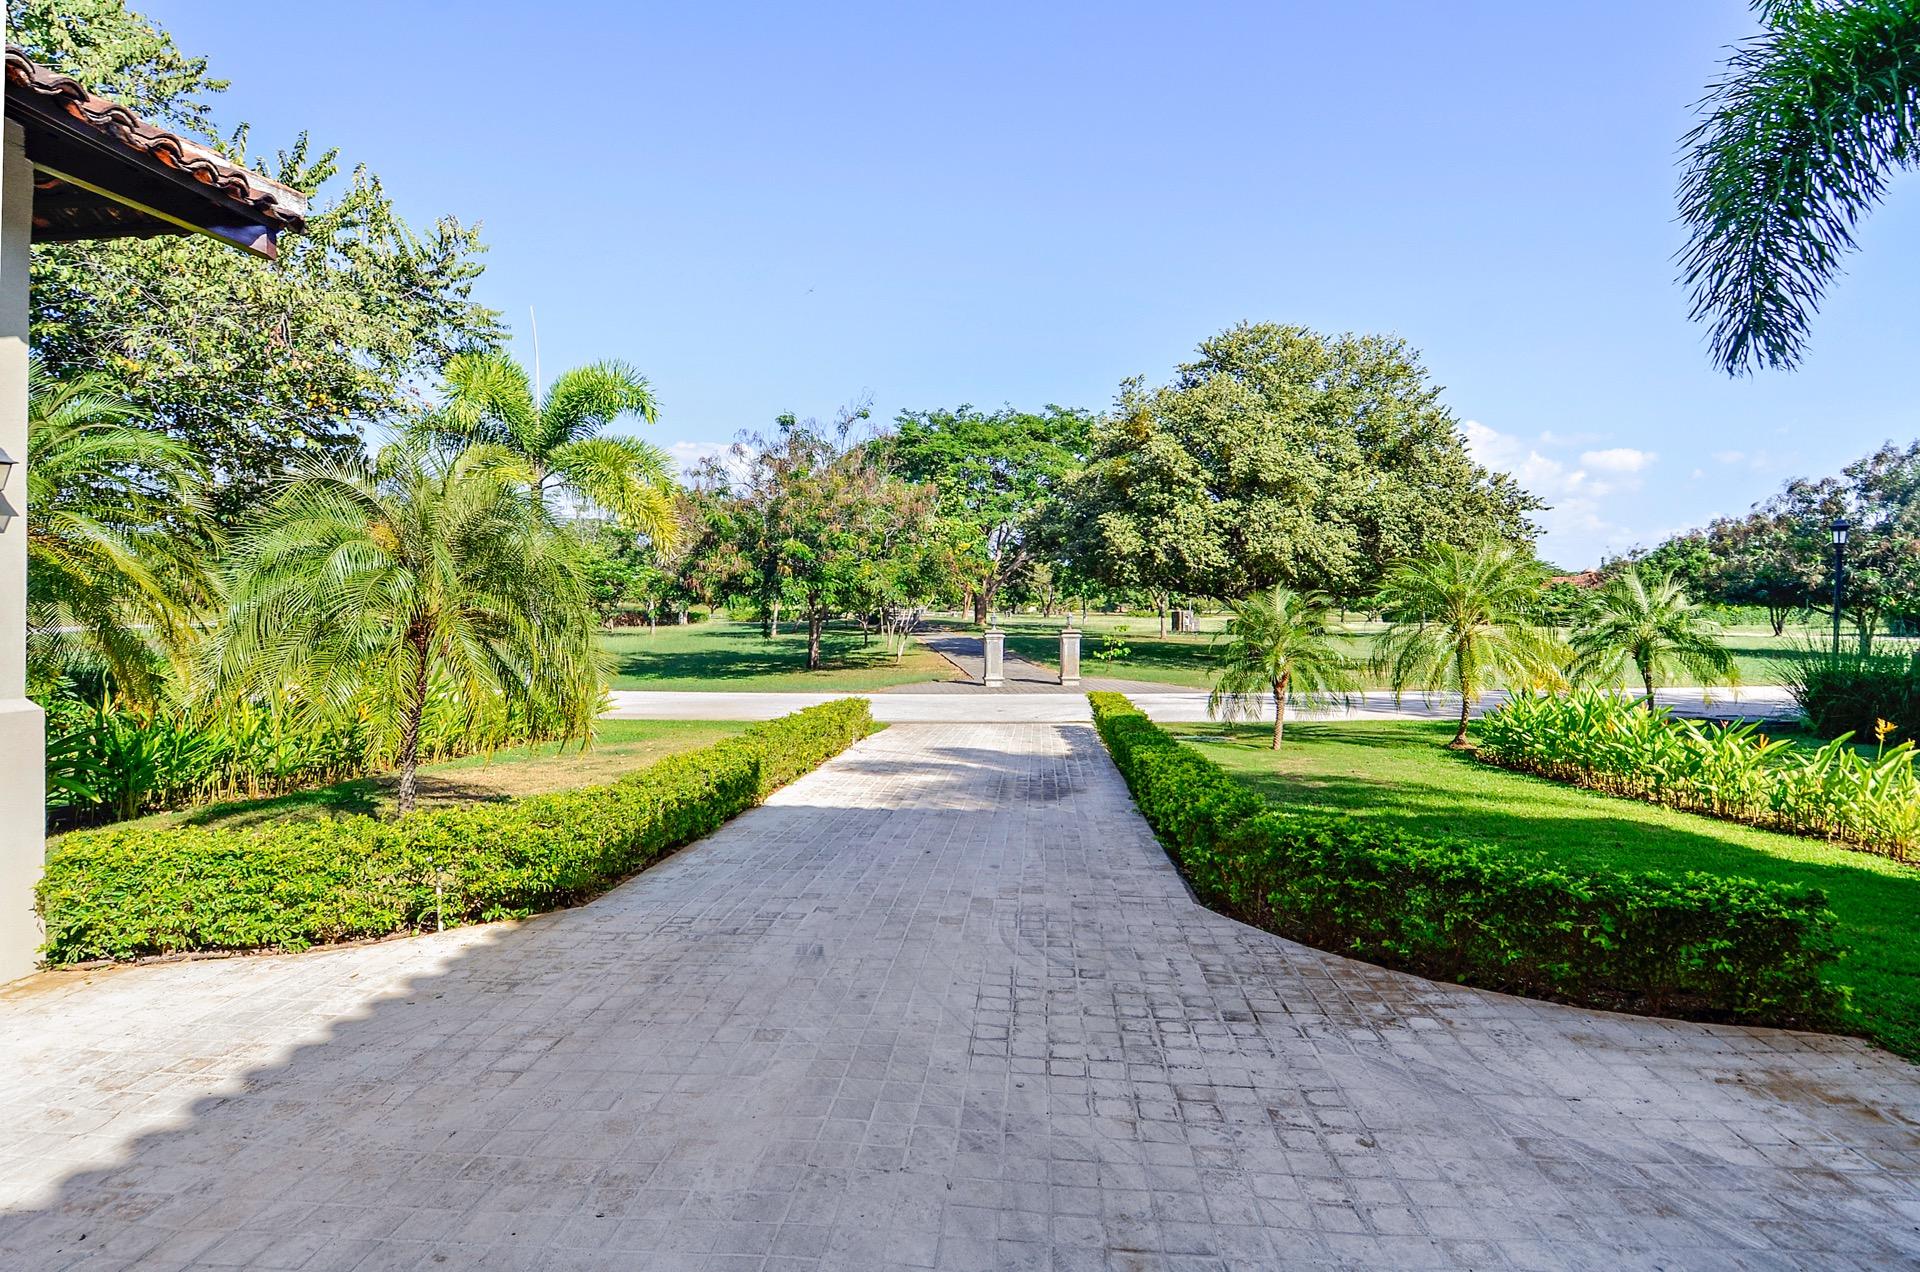 Entrance to Casa Oasis